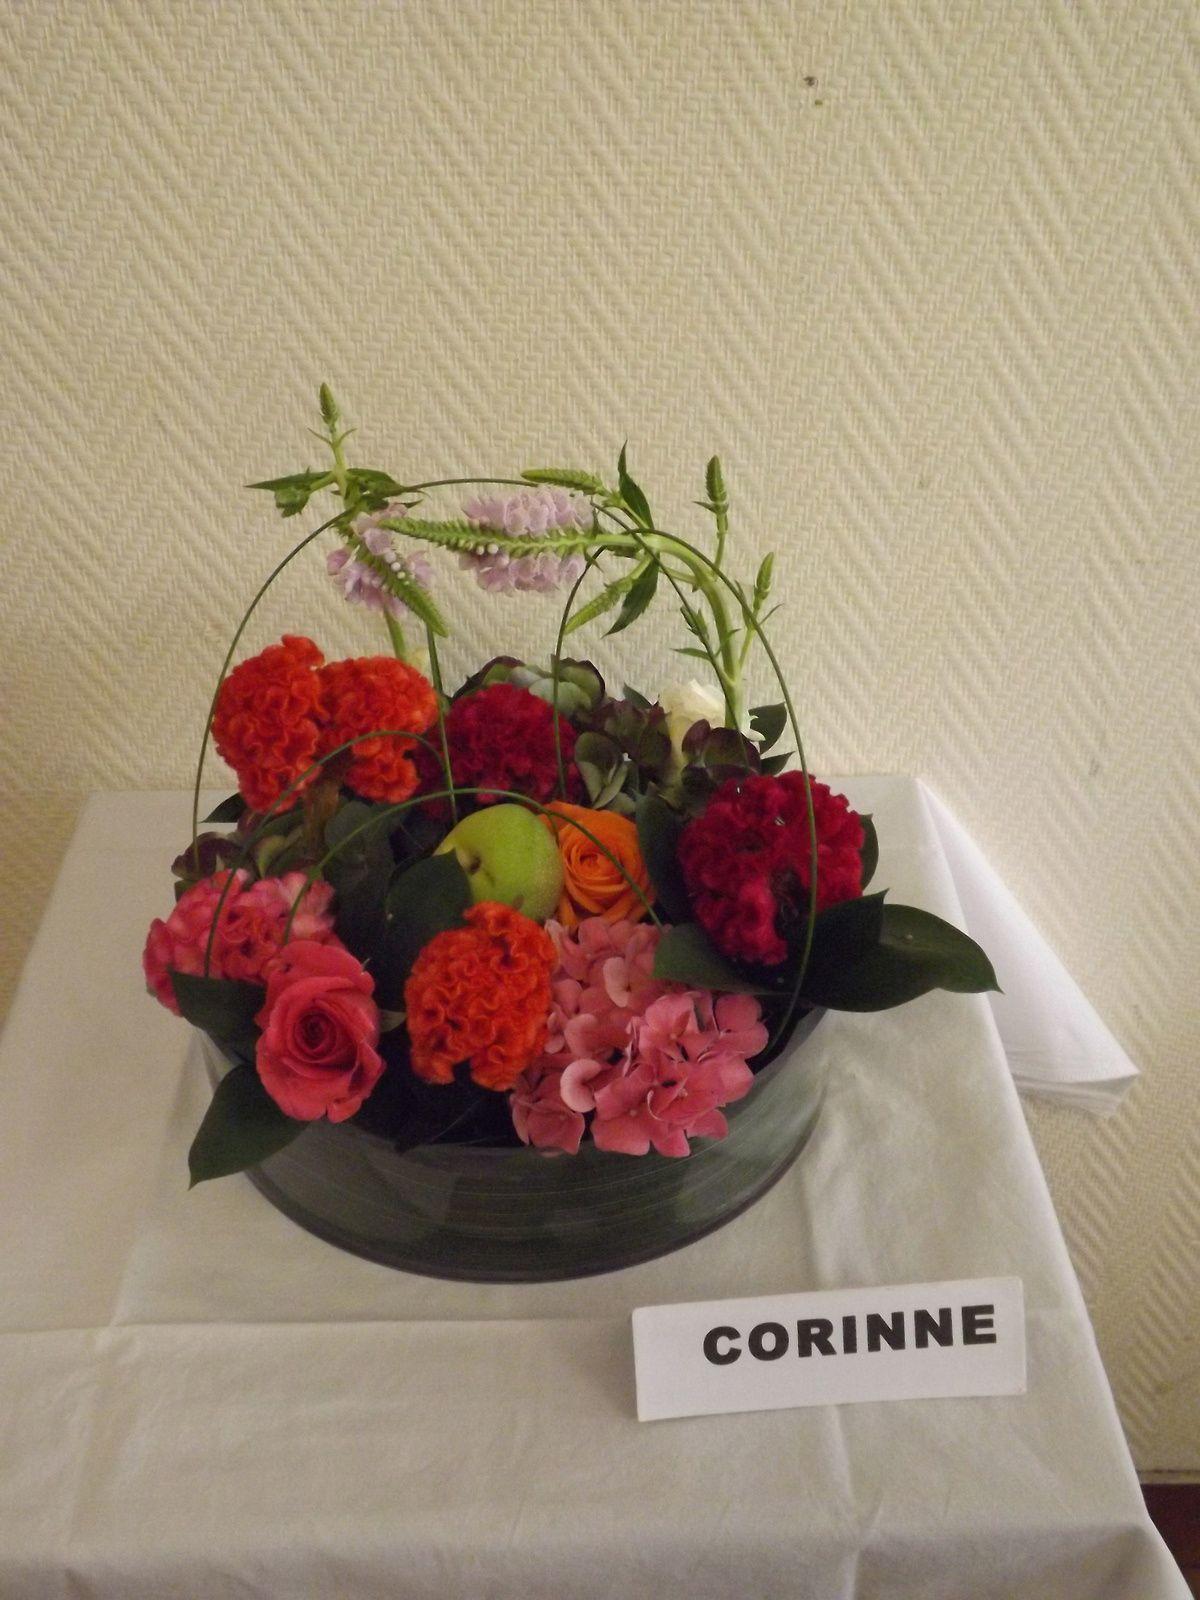 Fleurs: Celosie, roses, véronique, hortensia. feuillages: Flexi grass, eucalyptus, ruscus, aspidistra, pommes ramassées en Lorraine.